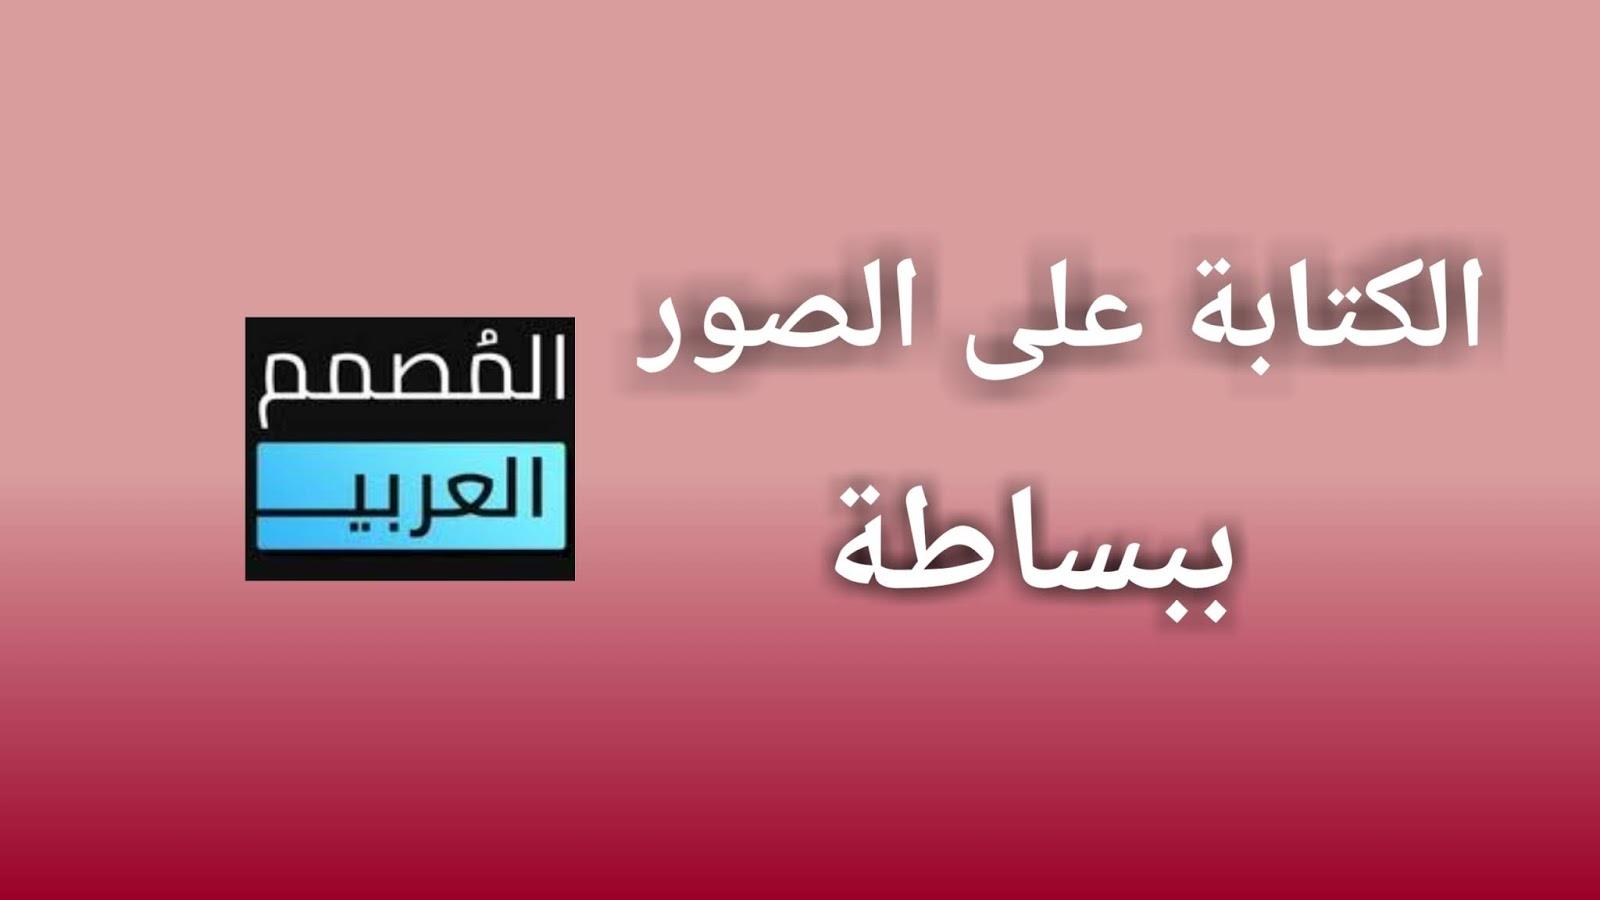 شرح و تنزيل برنامج للكتابة على الصور بالعربية بشكل إحترافي للاندرويد